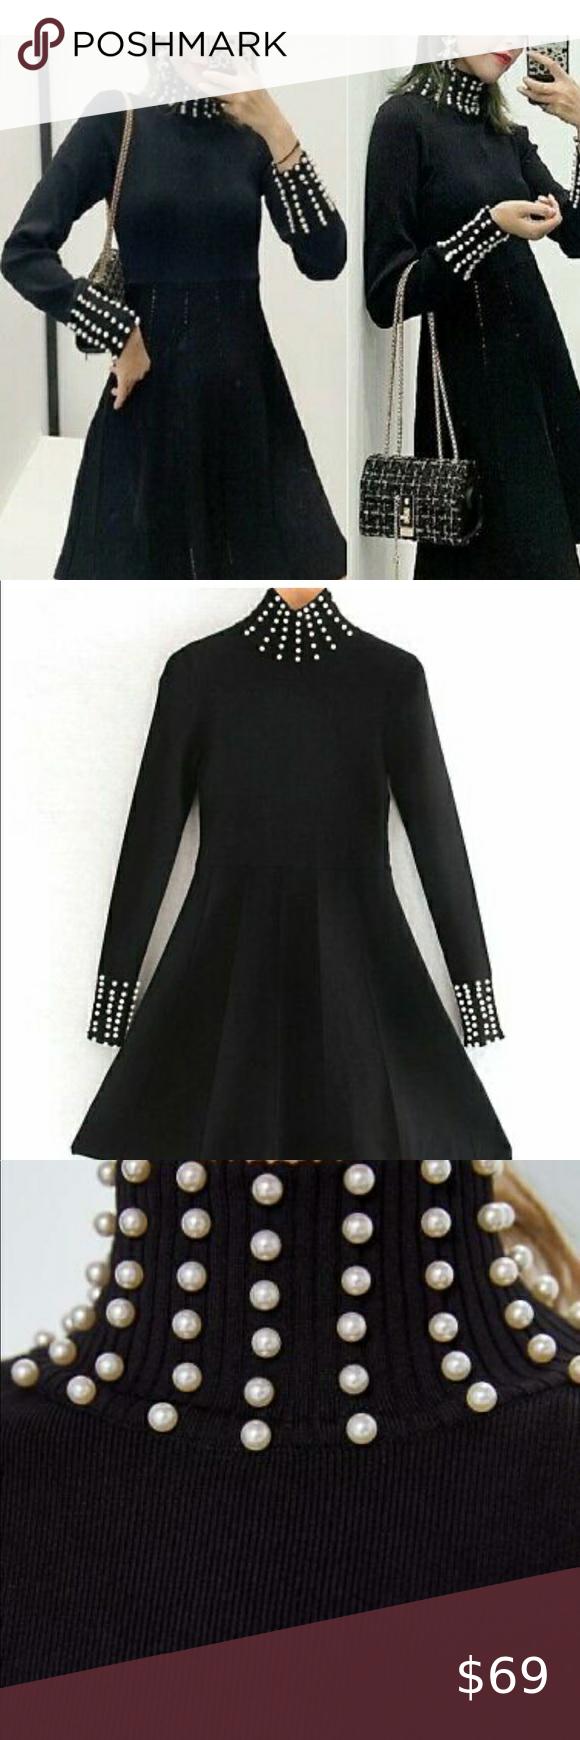 Zara Knit Pearl Dress Pearl Dress Dresses Zara [ 1740 x 580 Pixel ]